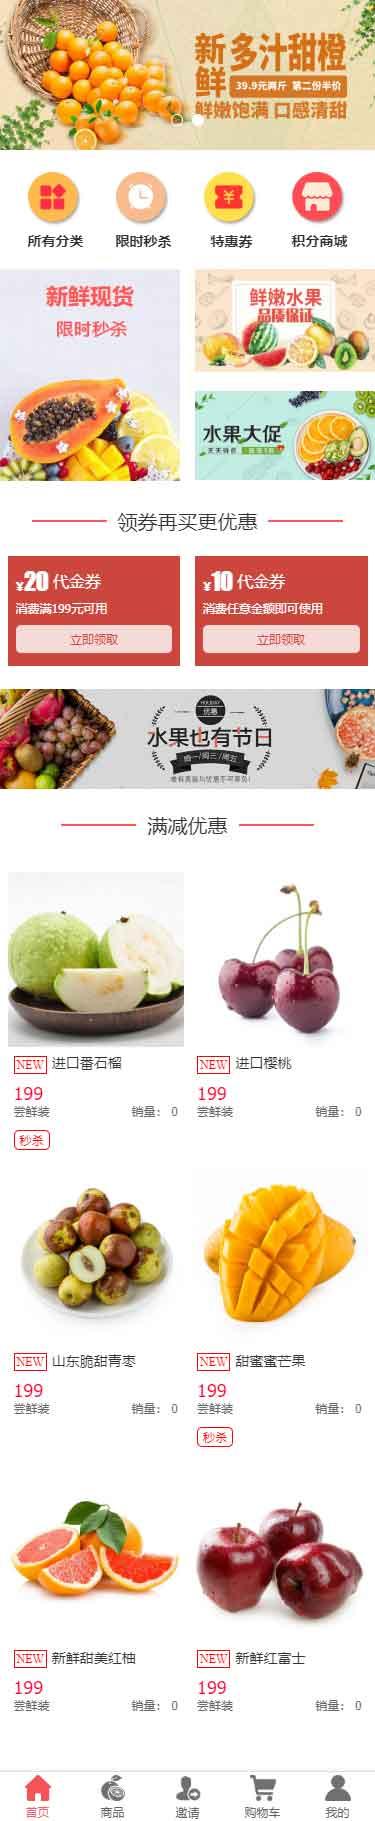 特色水果小程序商城模板